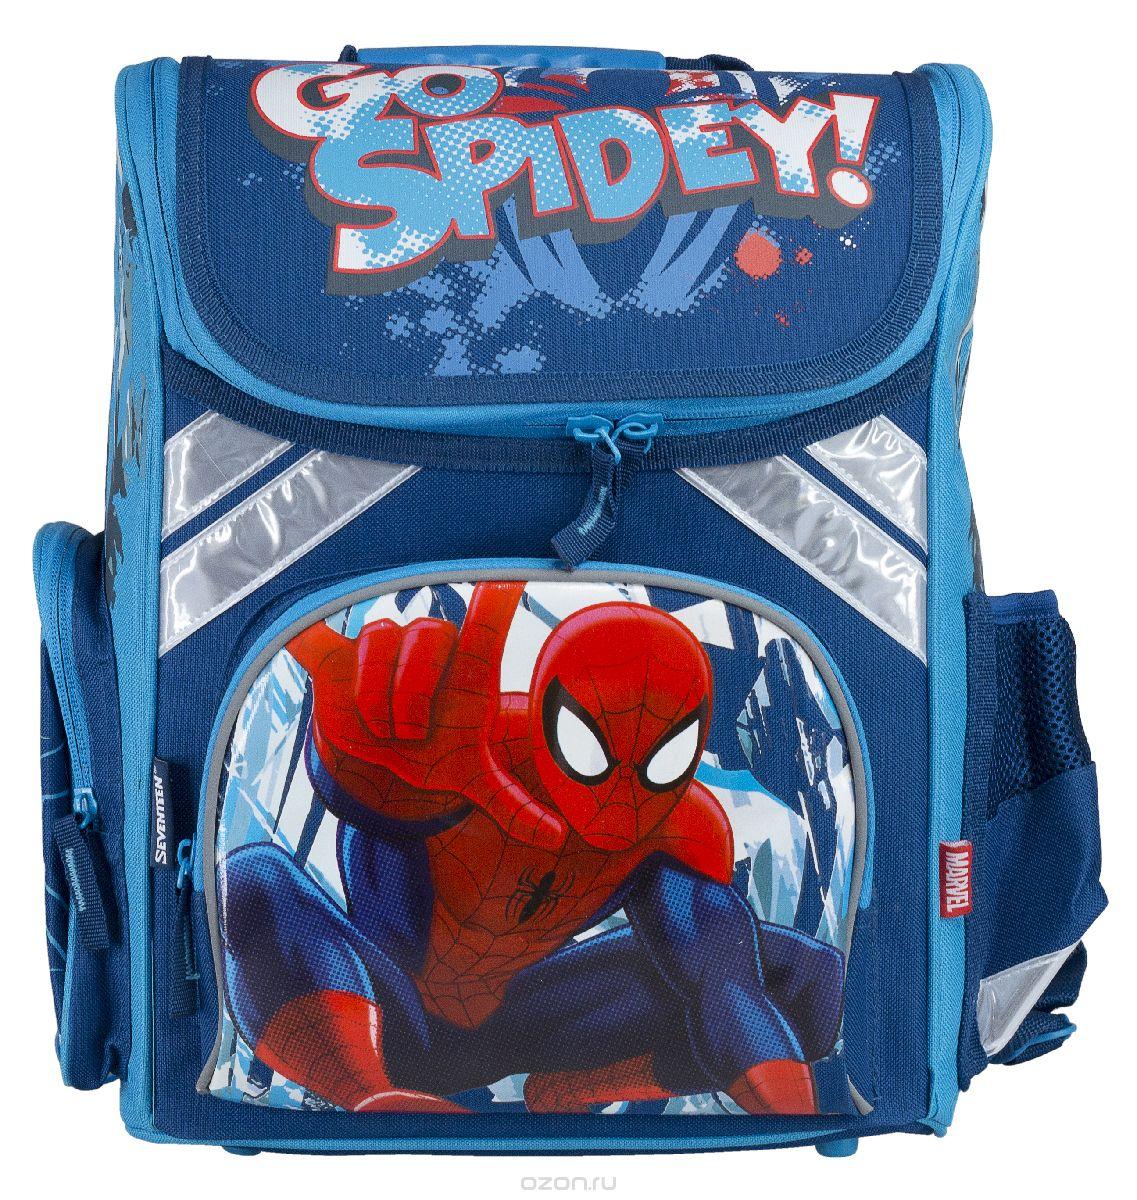 Купить Ранец школьный Kinderline Spider-man Classic , цвет: синий, белый, красный, Kinderline International Ltd., Ранцы и рюкзаки